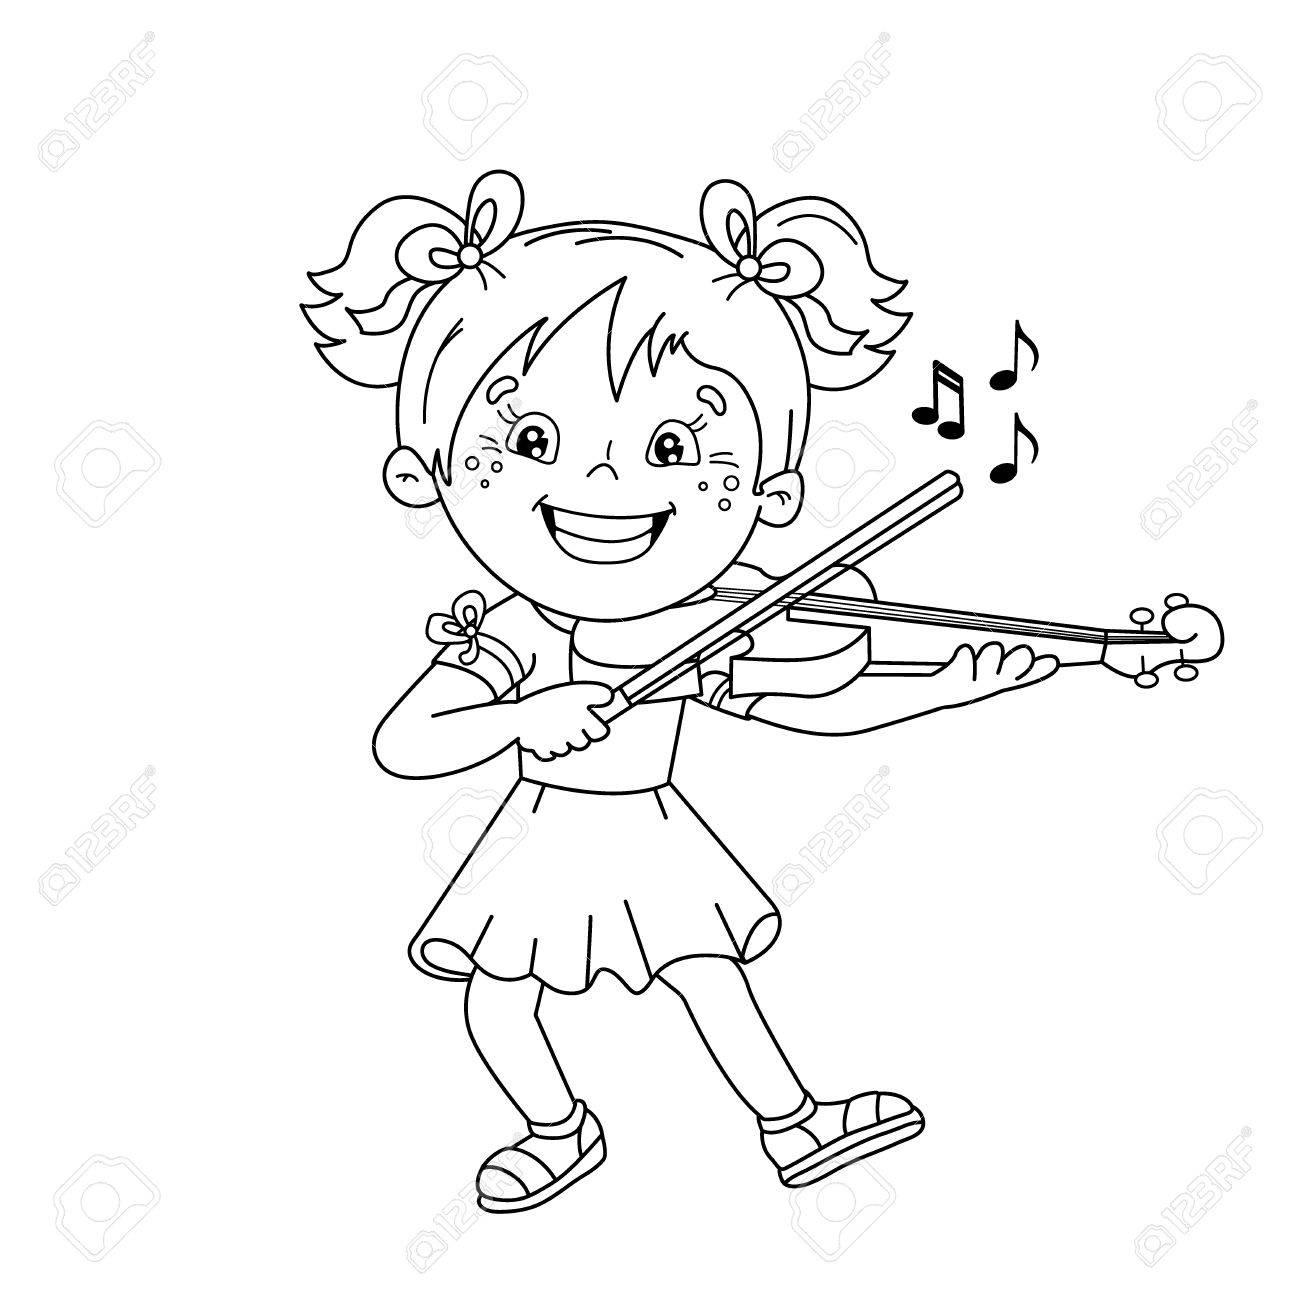 Página Para Colorear Esquema De Dibujos Animados Chica Tocando El Violín Instrumentos Musicales Libro De Colorear Para Niños